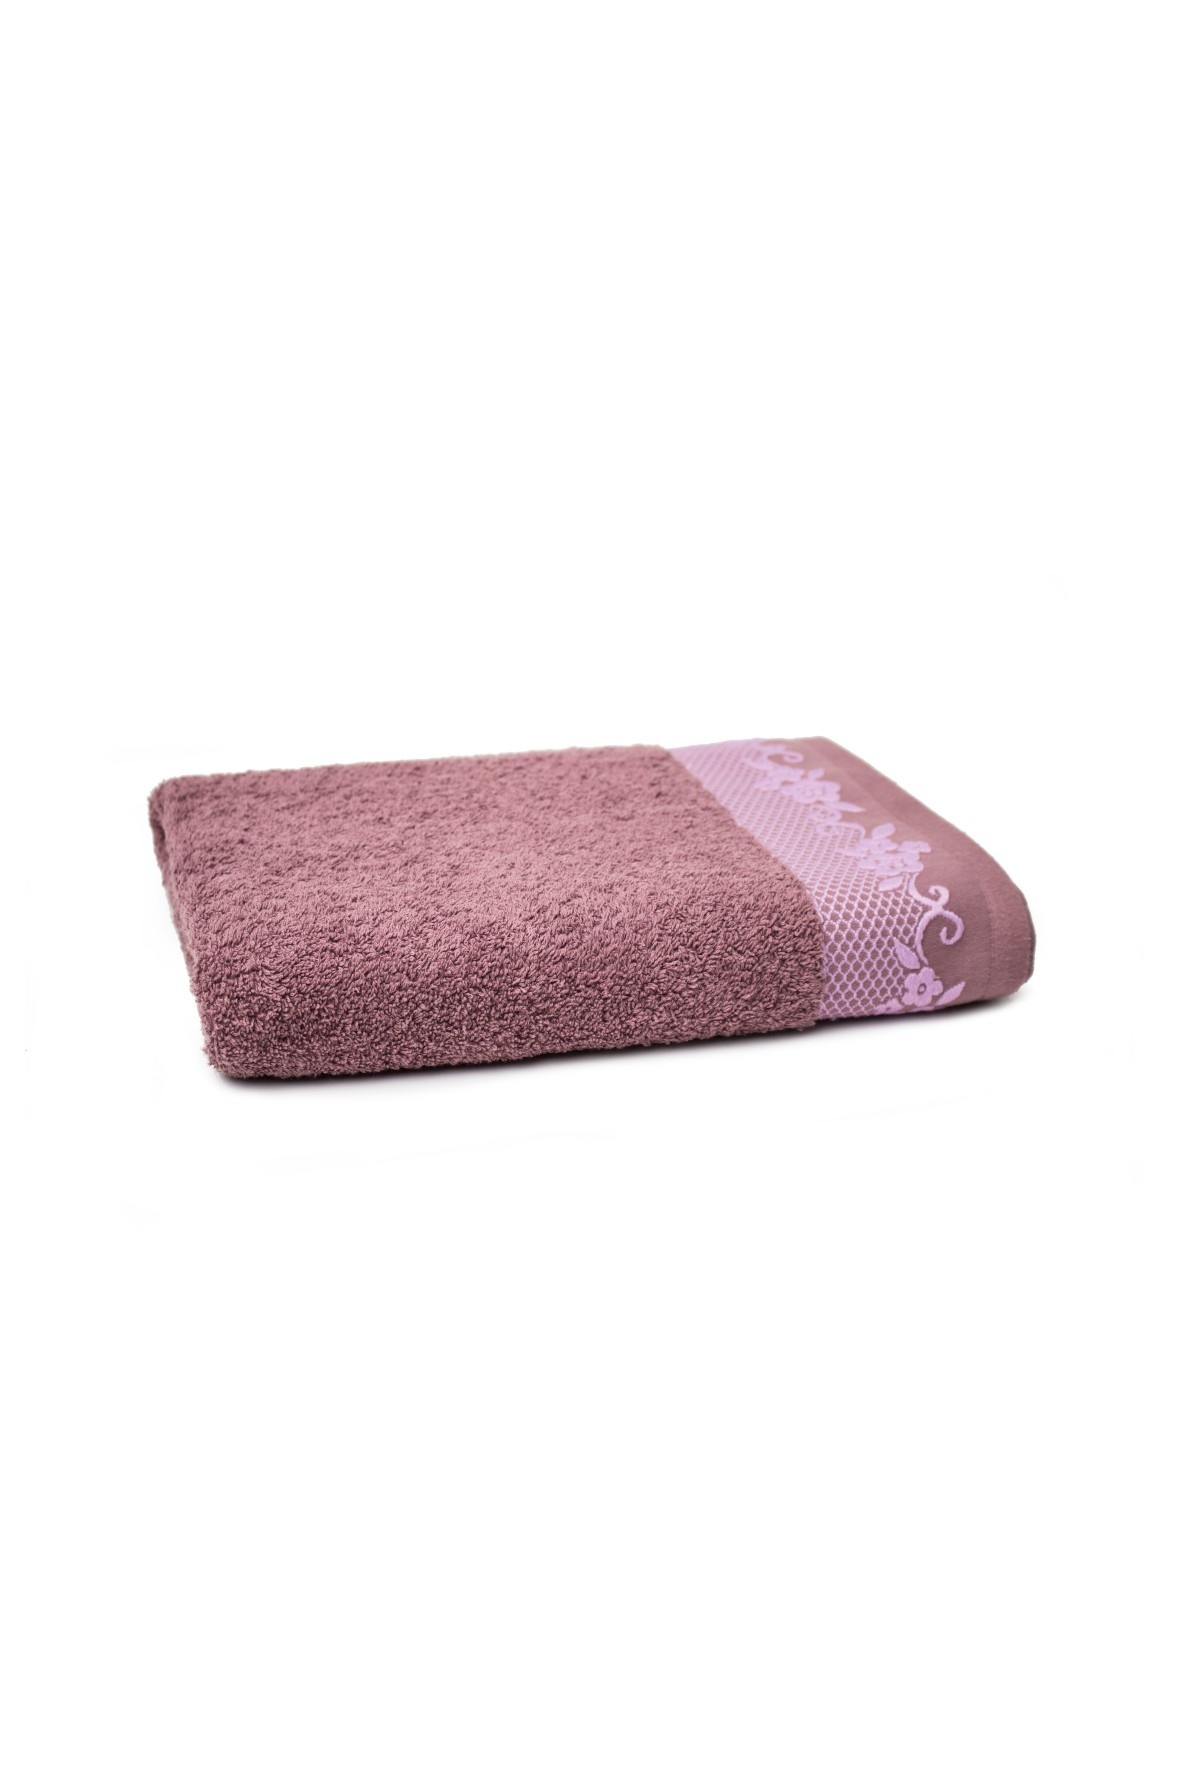 Bawełniany ręcznik w kolorze fioletowy 70x140 cm